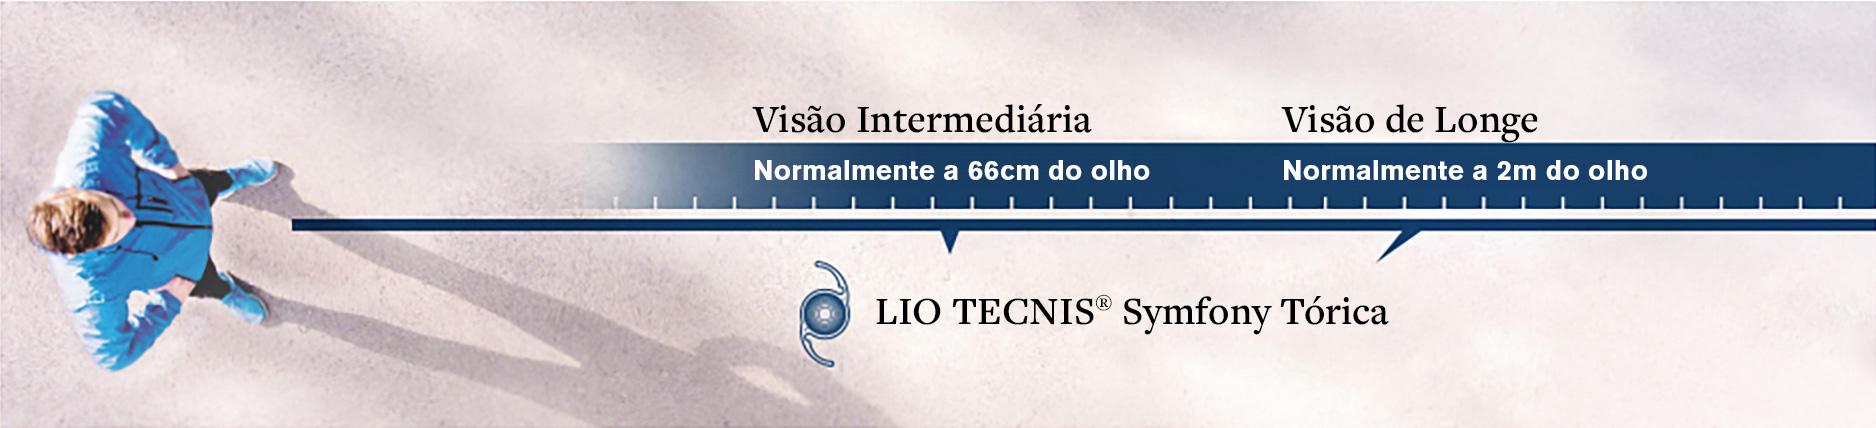 Homem mostrando o alcance visual da visão intermediária e de longe da LIO TECNIS Symfony® Tórica